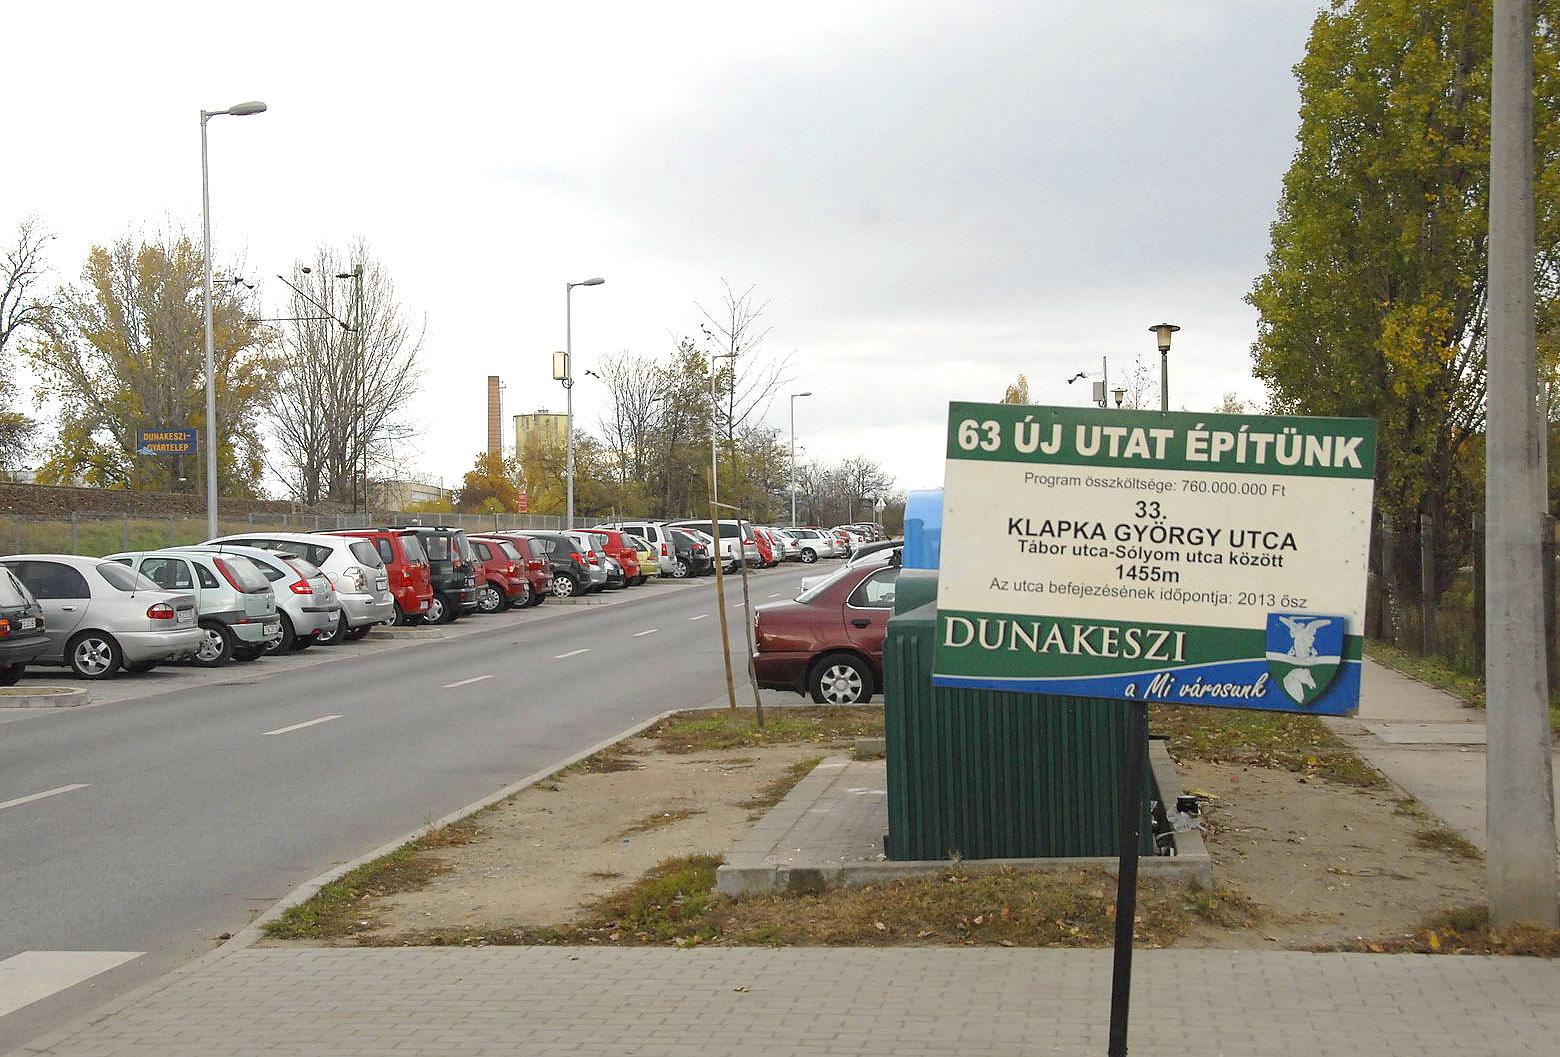 P-R parkolo_Tábor utca-Klapka utca07